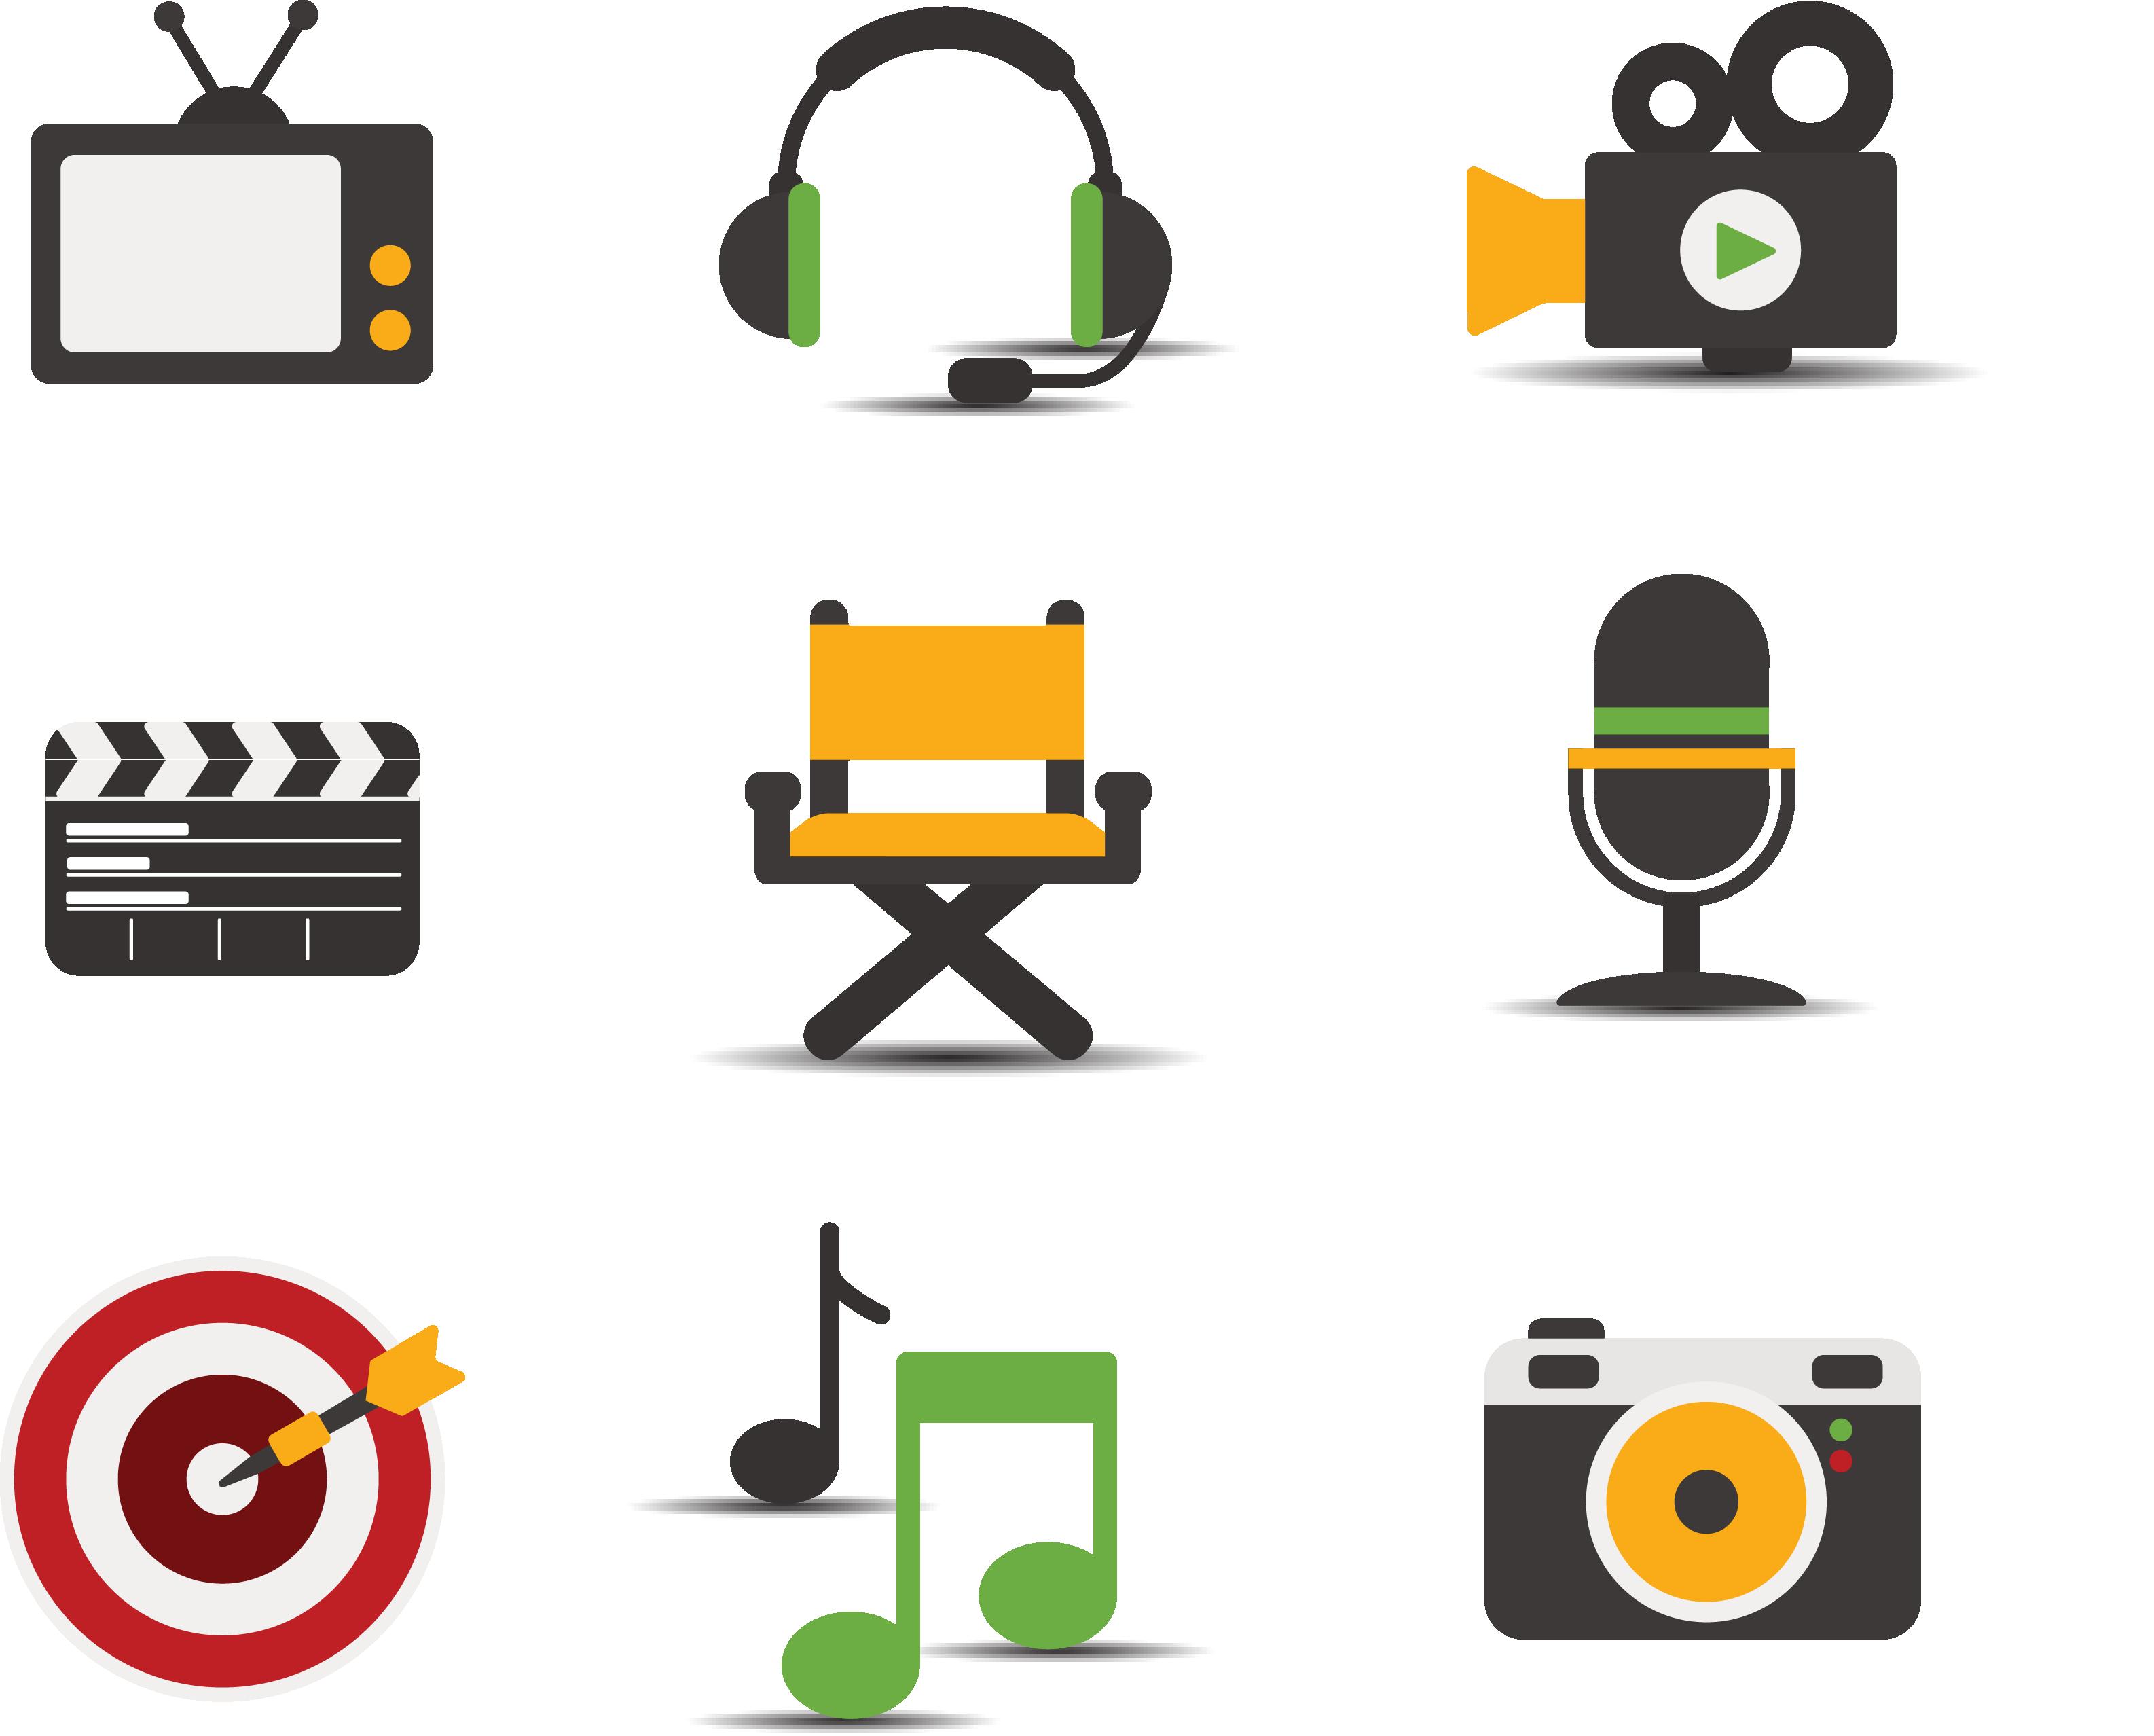 Werbefilme123 gestaltet und erstellt Imagefilme, Erklärfilme, Vortragsmitschnitte, Messefilme. Von Konzept über Produktion bis hin zu Animation und Sprachaufnahme